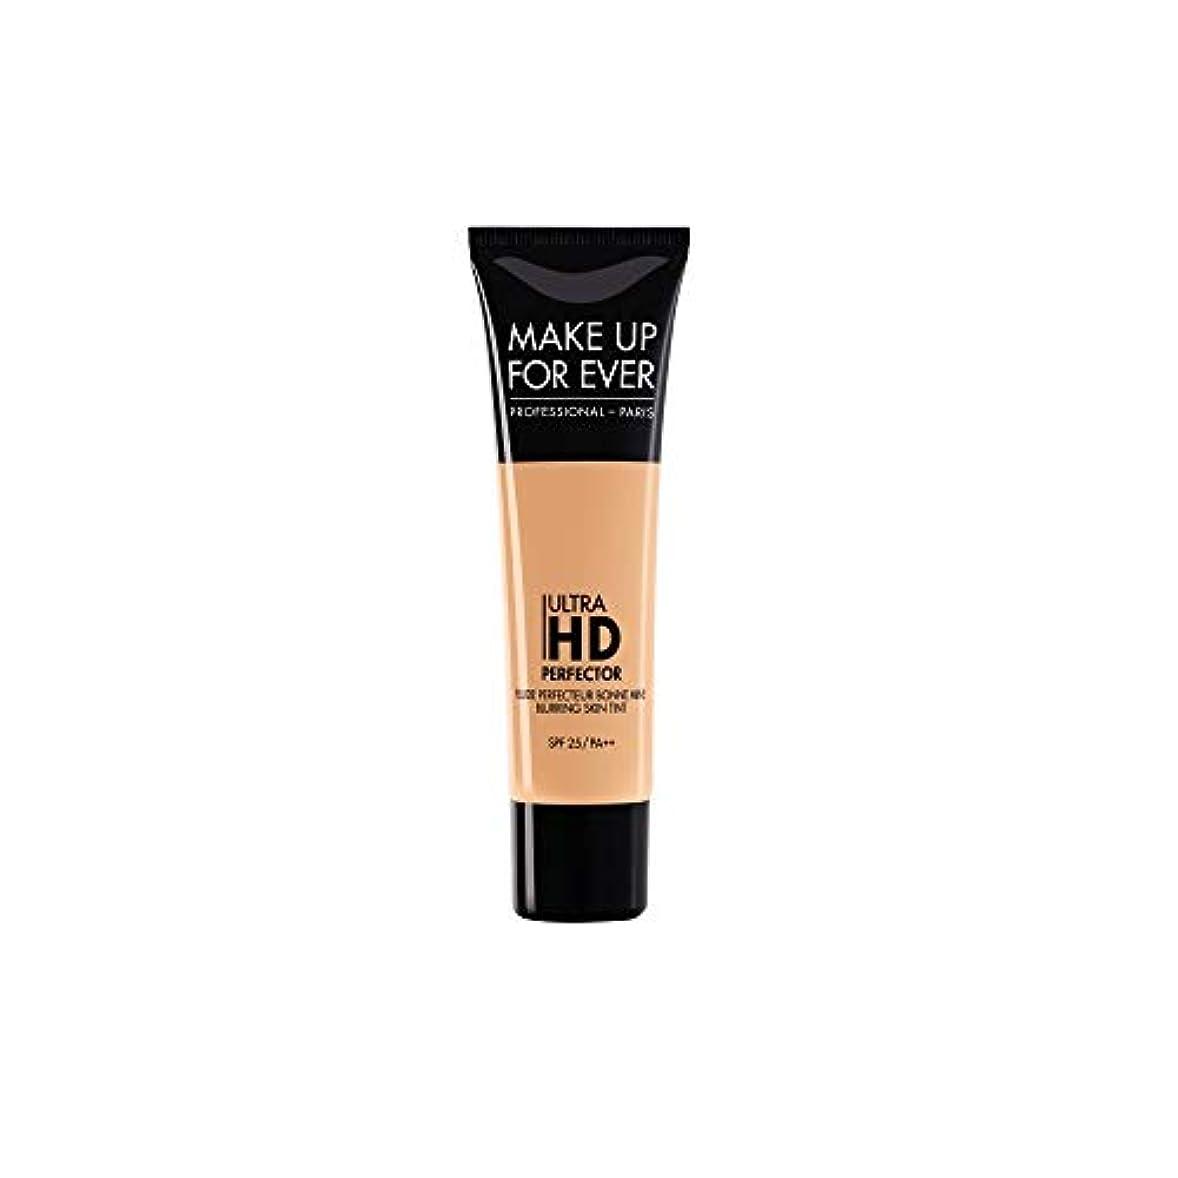 飾り羽水曜日ライターメイクアップフォーエバー Ultra HD Perfector Blurring Skin Tint SPF25 - # 07 Golden Apricot 30ml/1.01oz並行輸入品